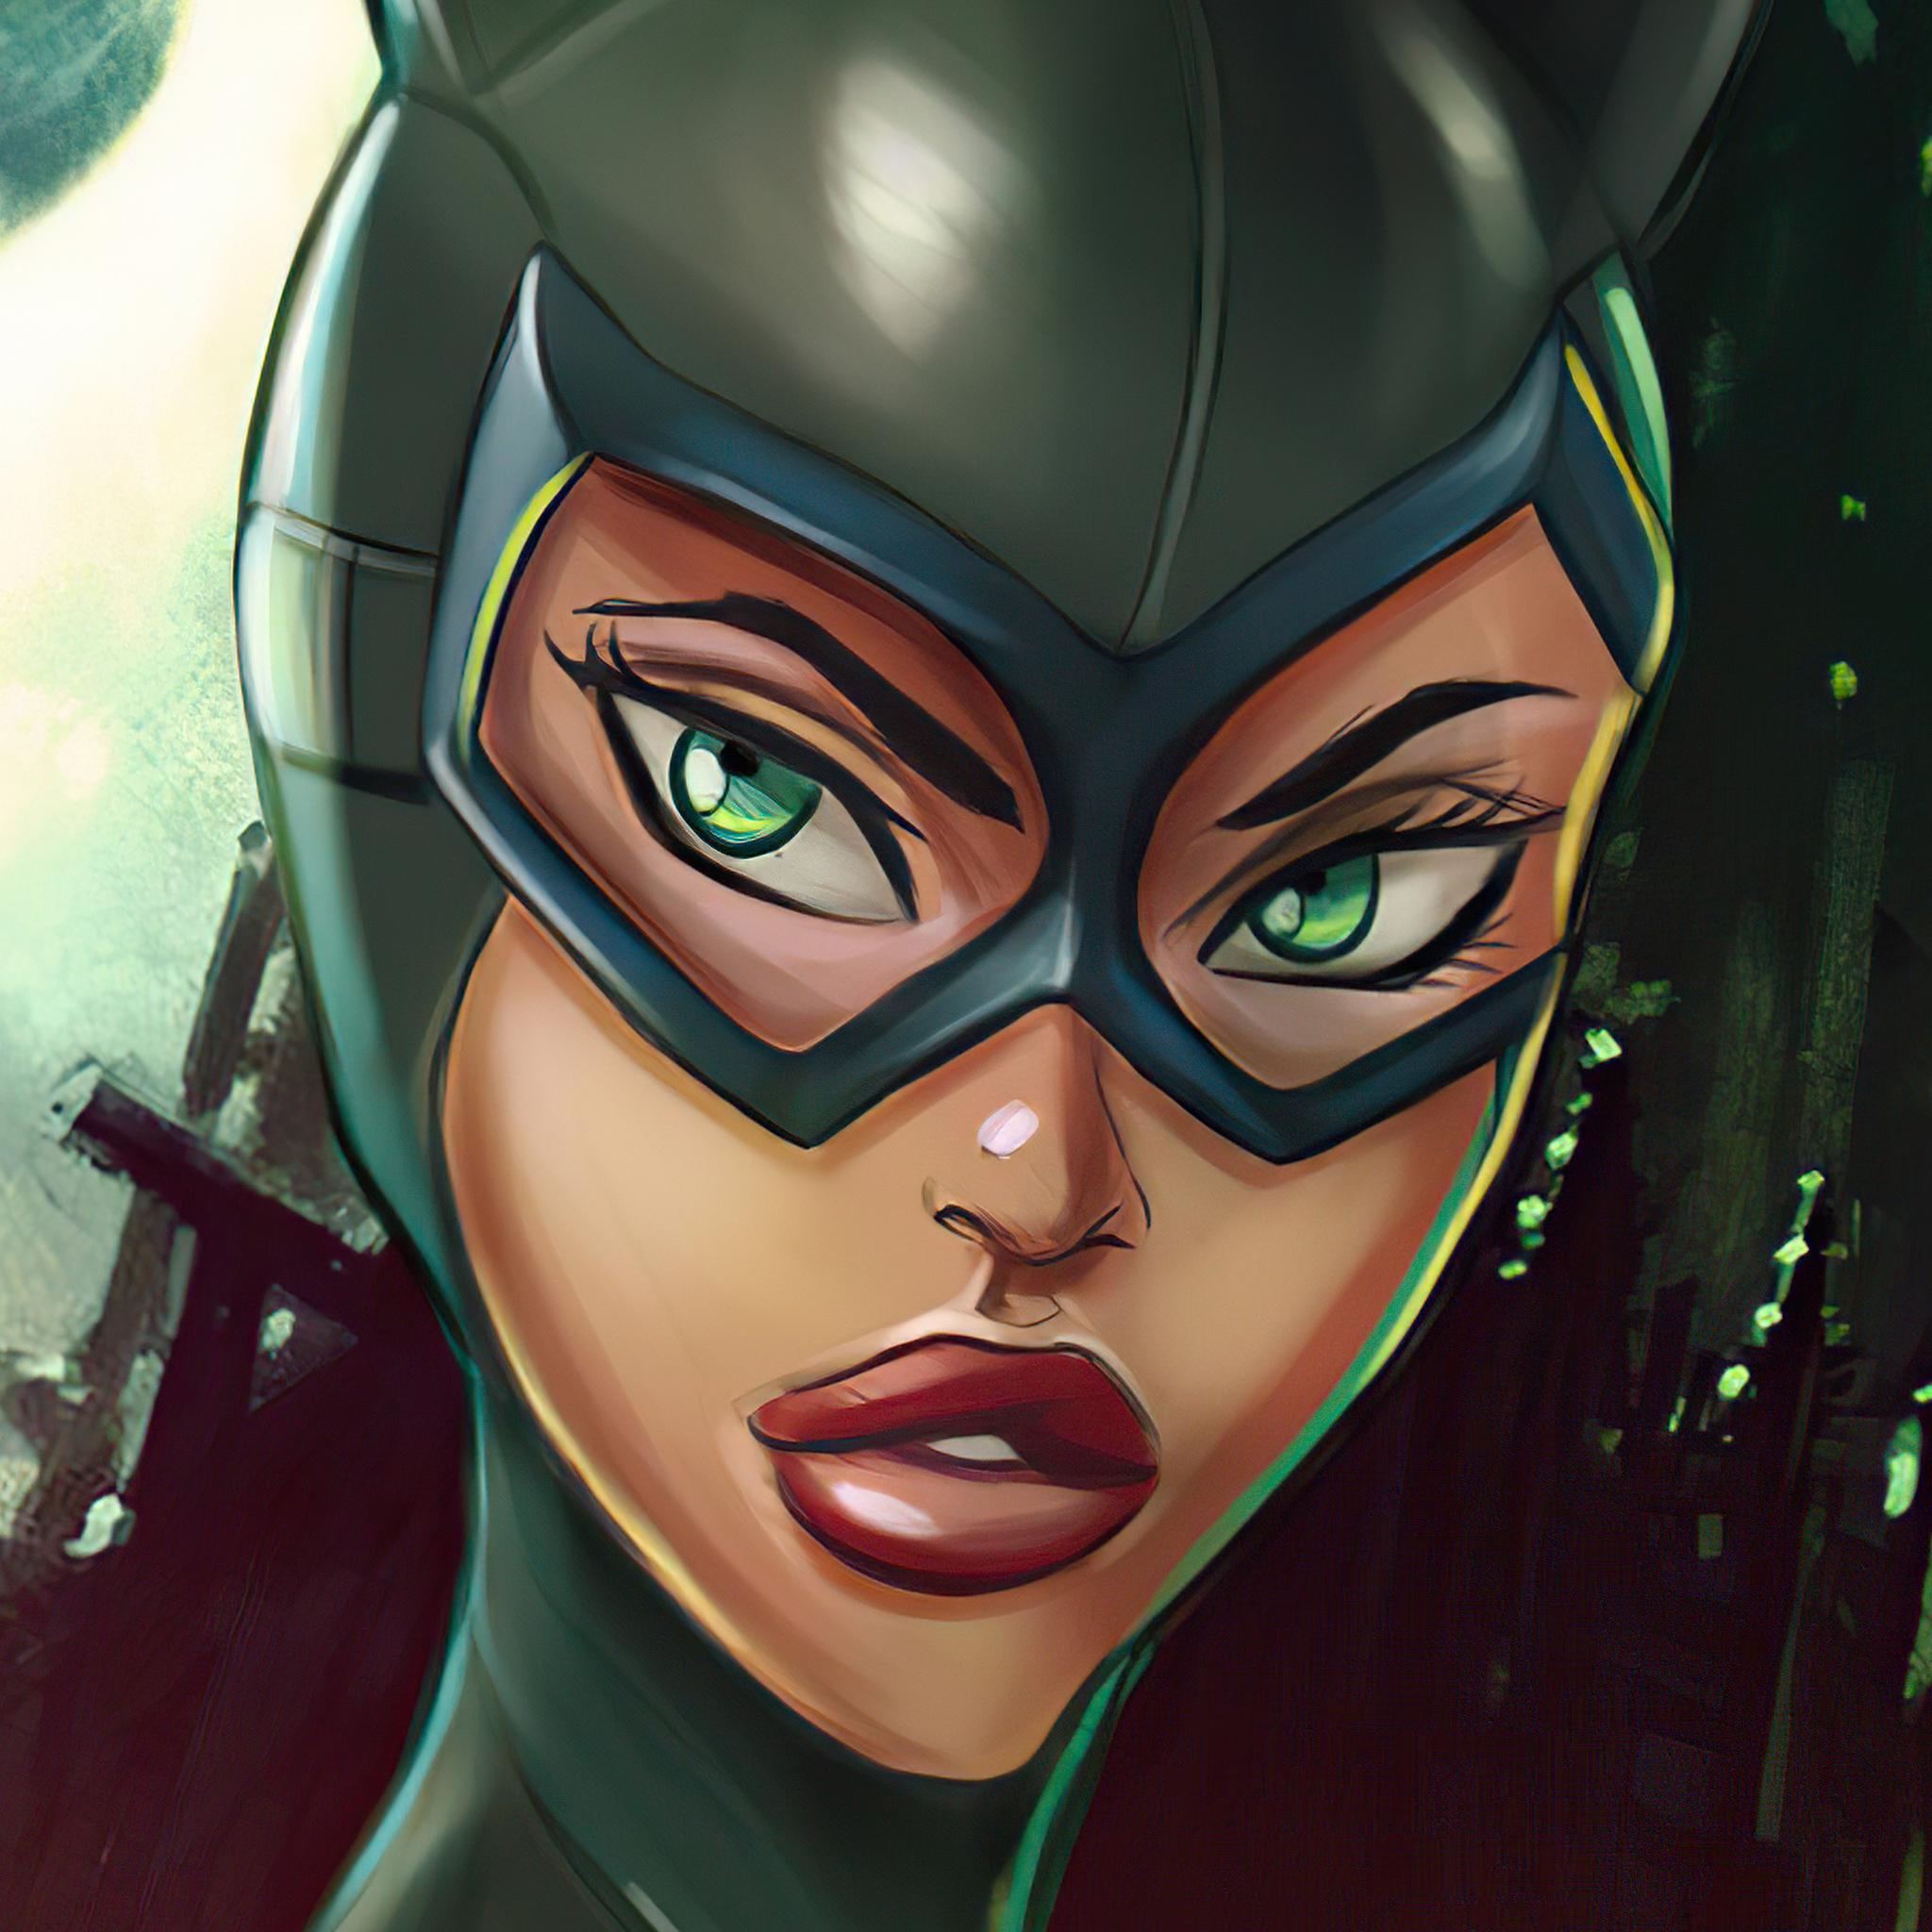 catwoman-digital-illustration-4k-04.jpg